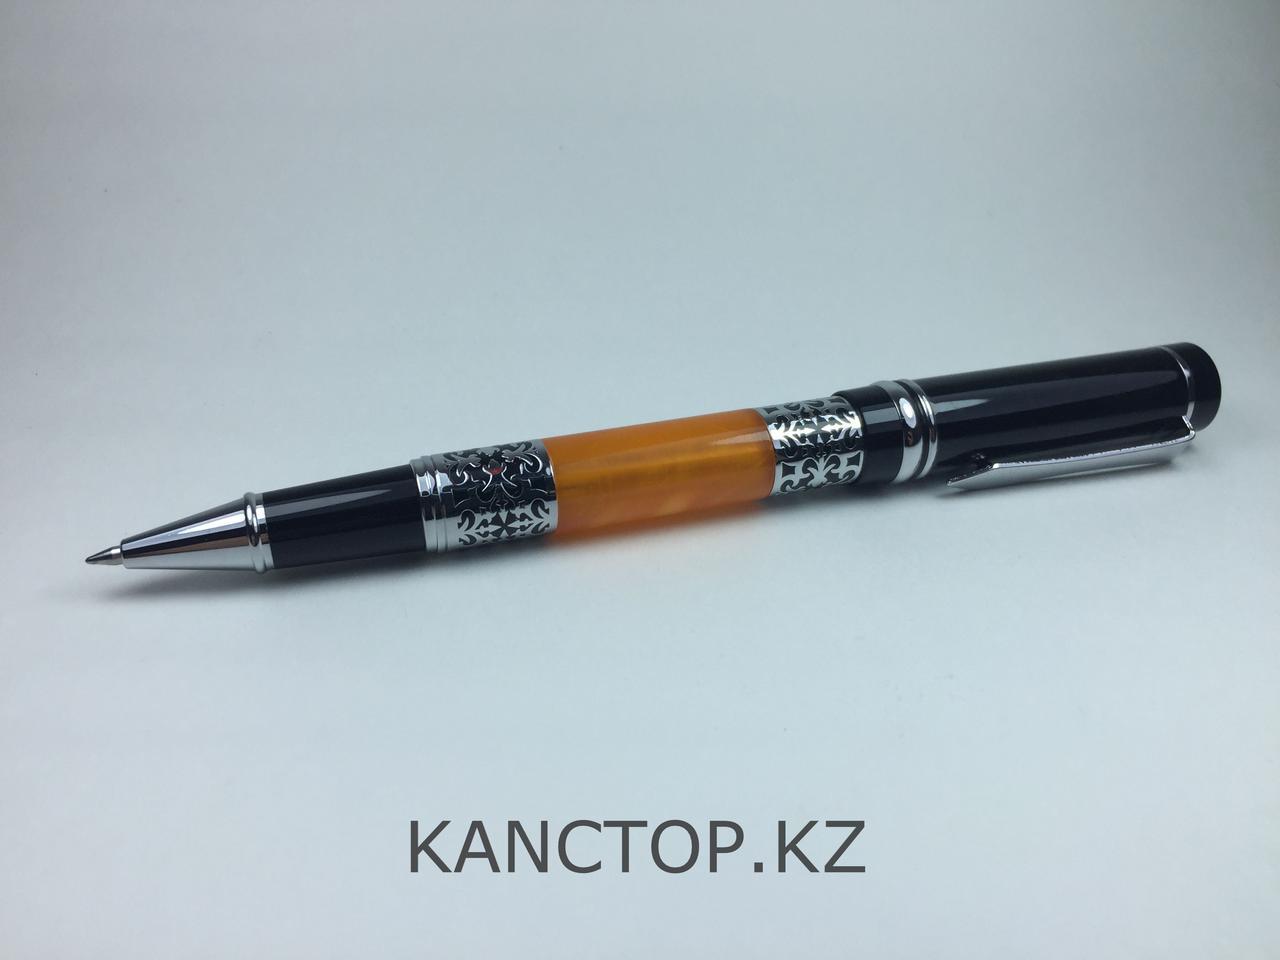 Ручка капилярные подарочная с национальным узором и янтарем